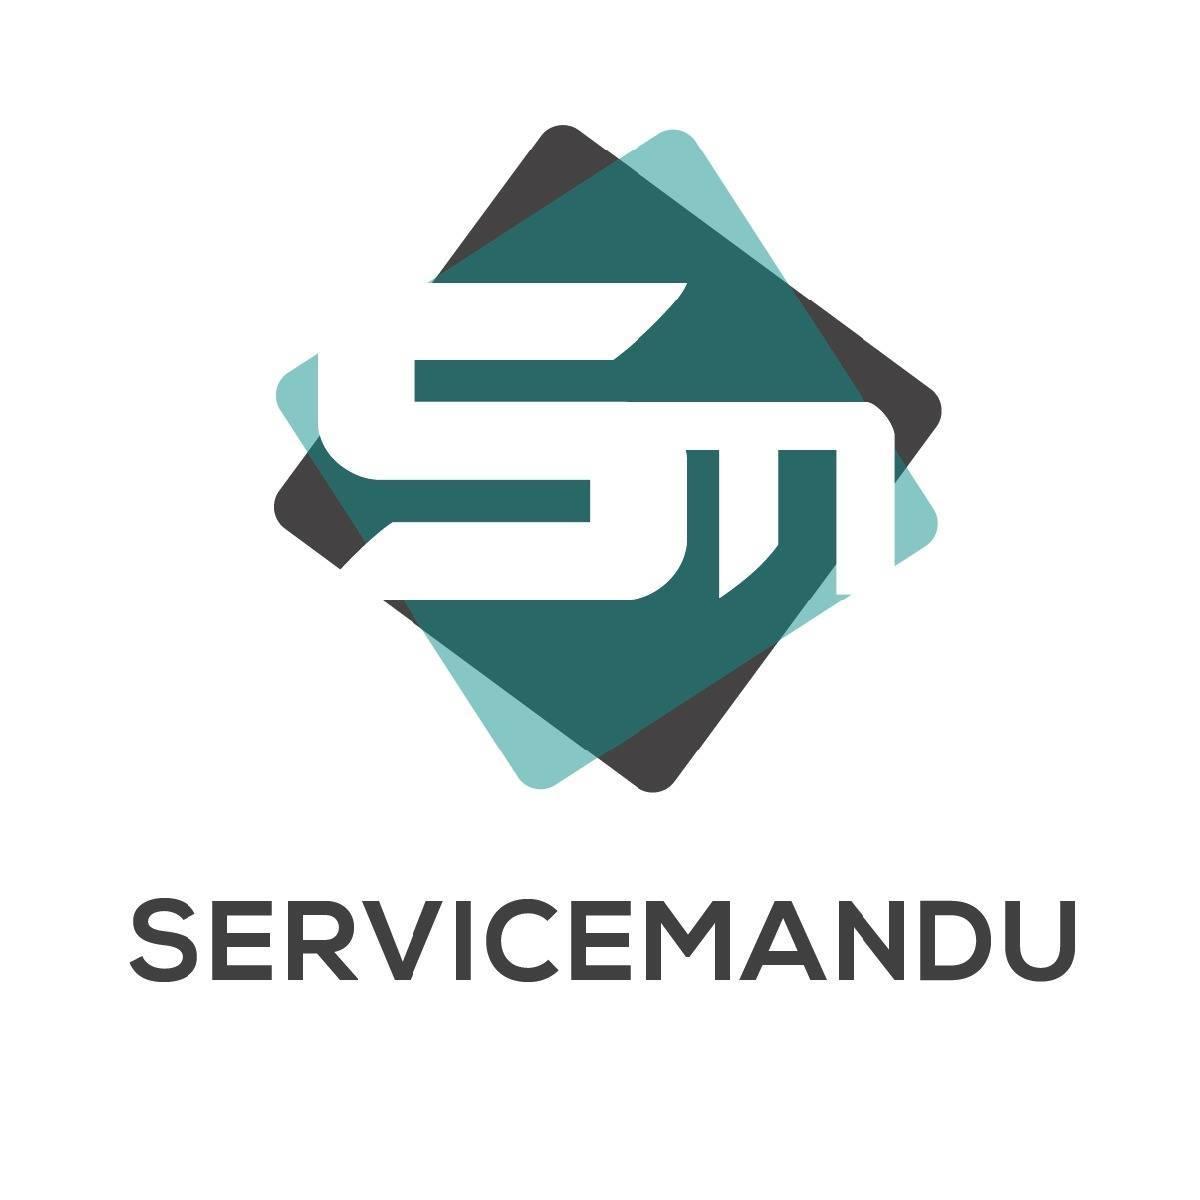 Servicemandu Nepal Pvt. Ltd